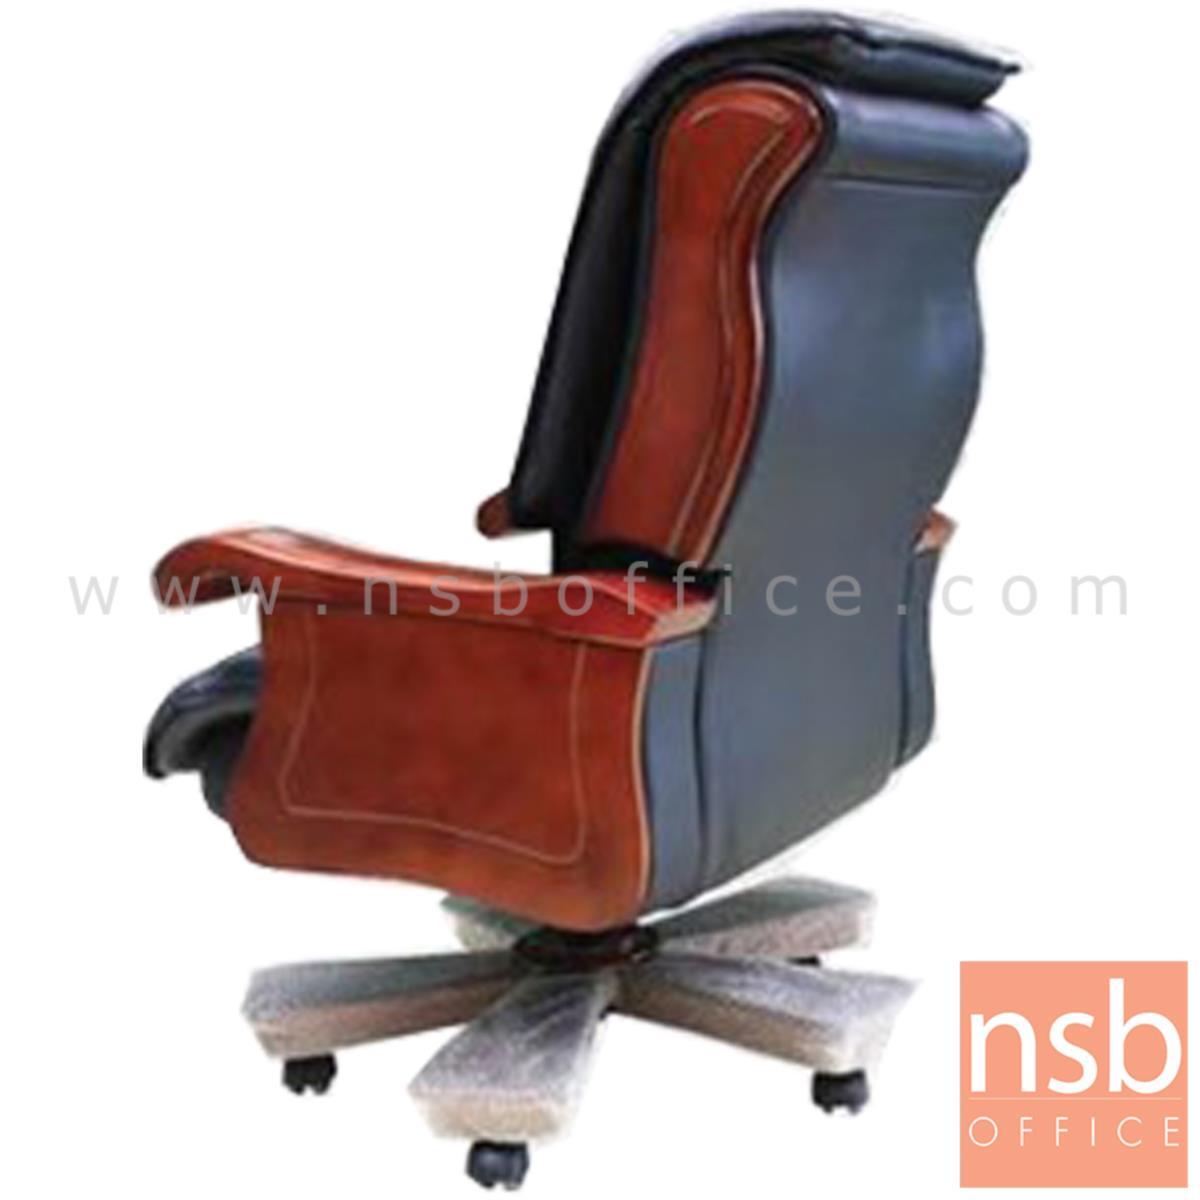 เก้าอี้ผู้บริหารหนังแท้ รุ่น KALANCHOE (คาลันโช)  โช๊คแก๊ส ขาเหล็ก